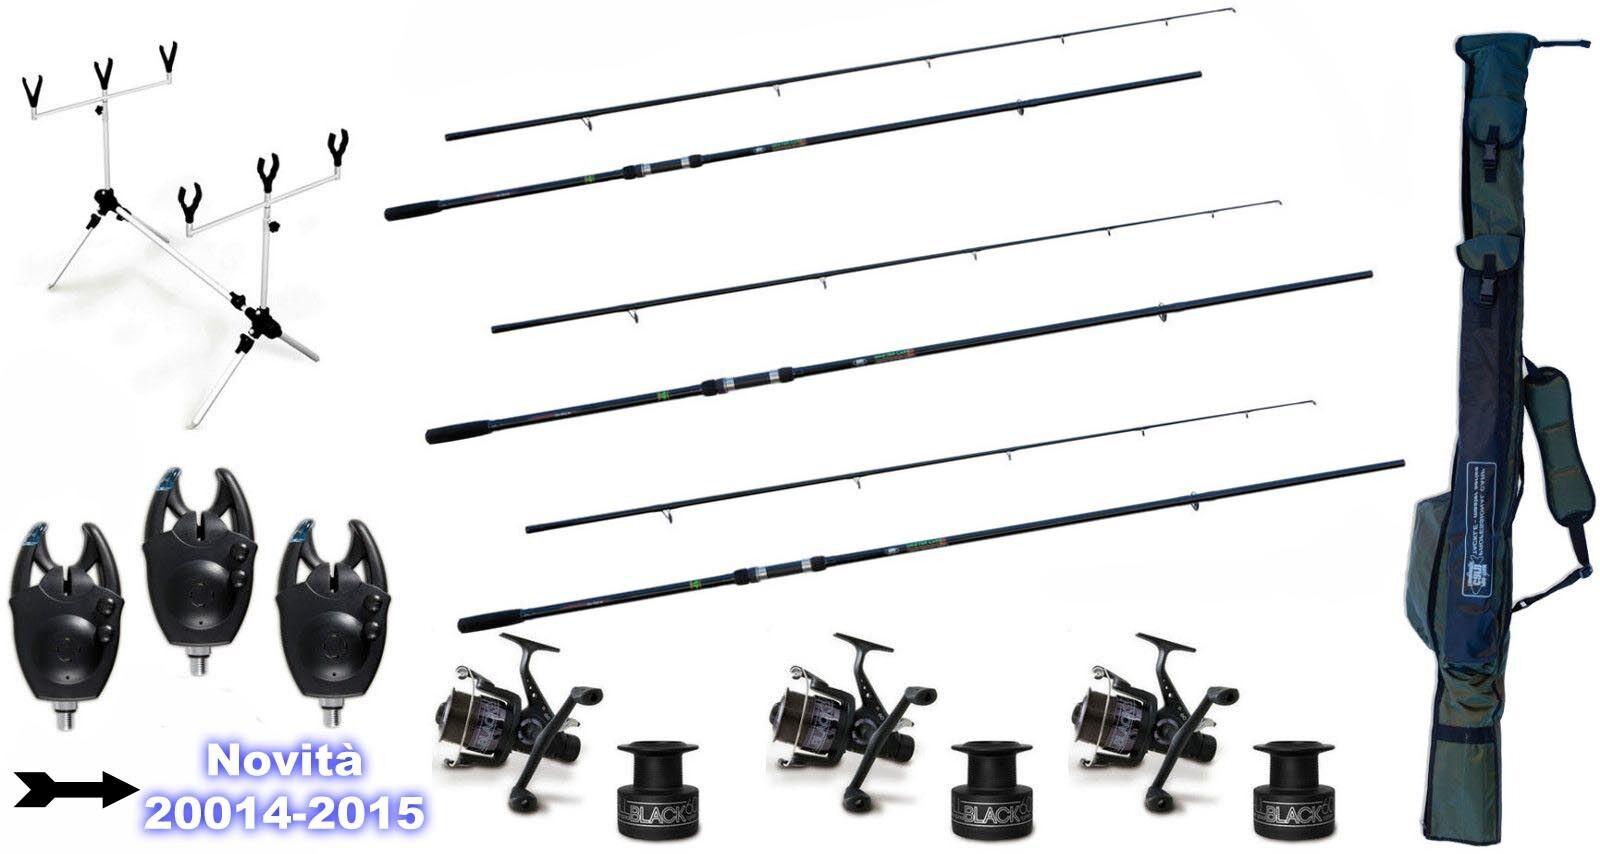 Kit 3 Canne da Pesca Carpfishing + 3 Mulinello Mulinello 3 + Filo Rod Pod Avvisatori Fodero 56870a